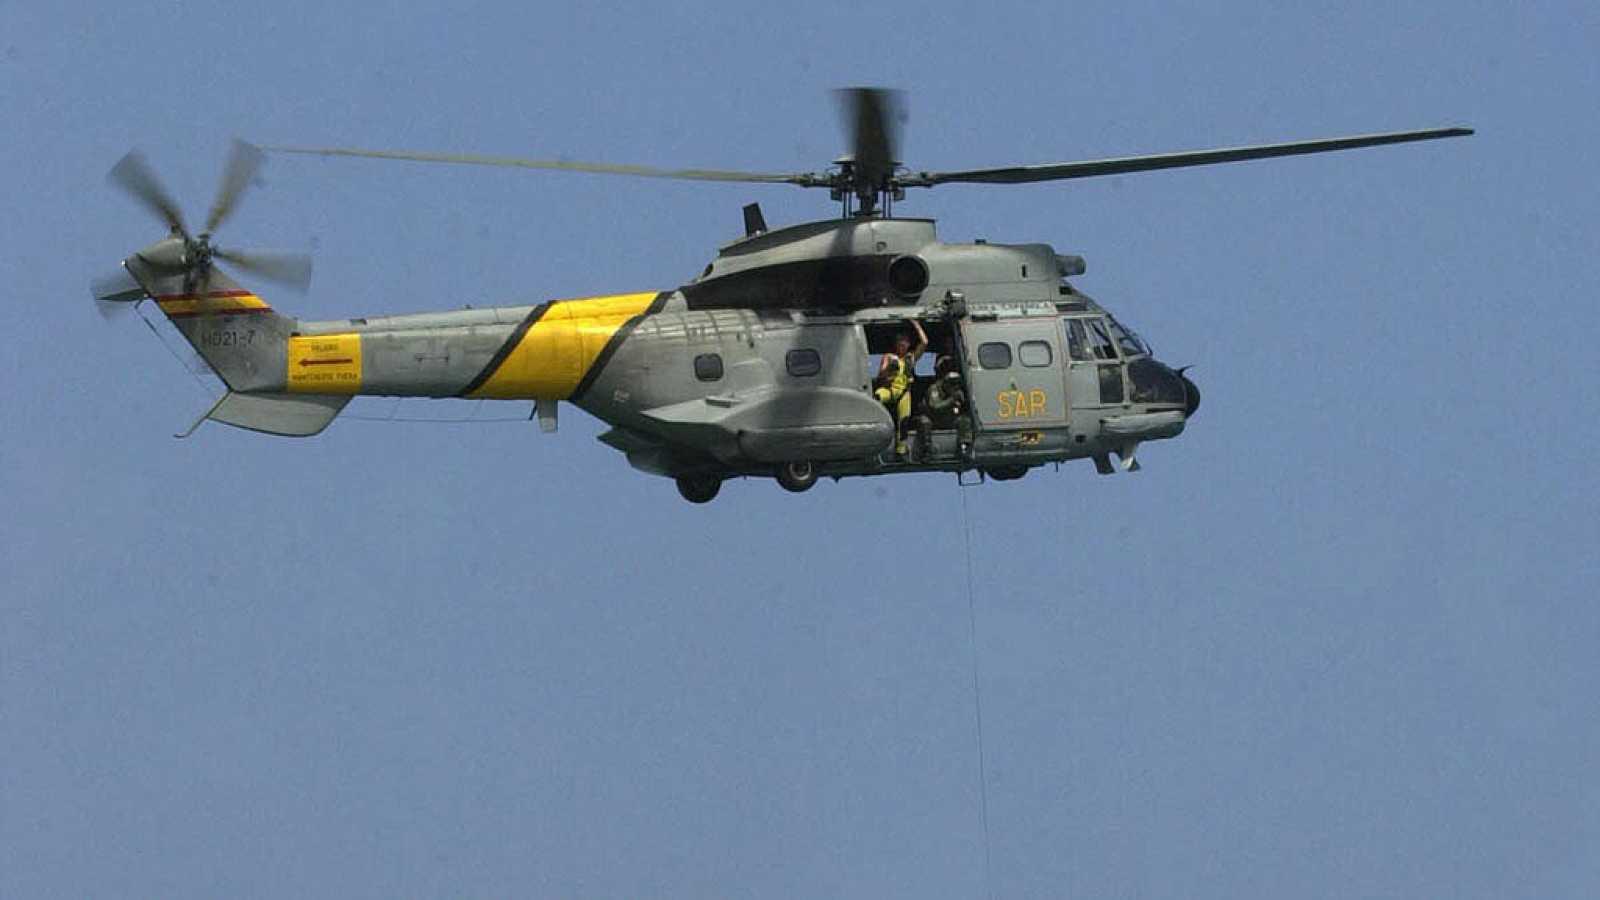 Continúa la busqueda de los militares desaparecidos el jueves en ...